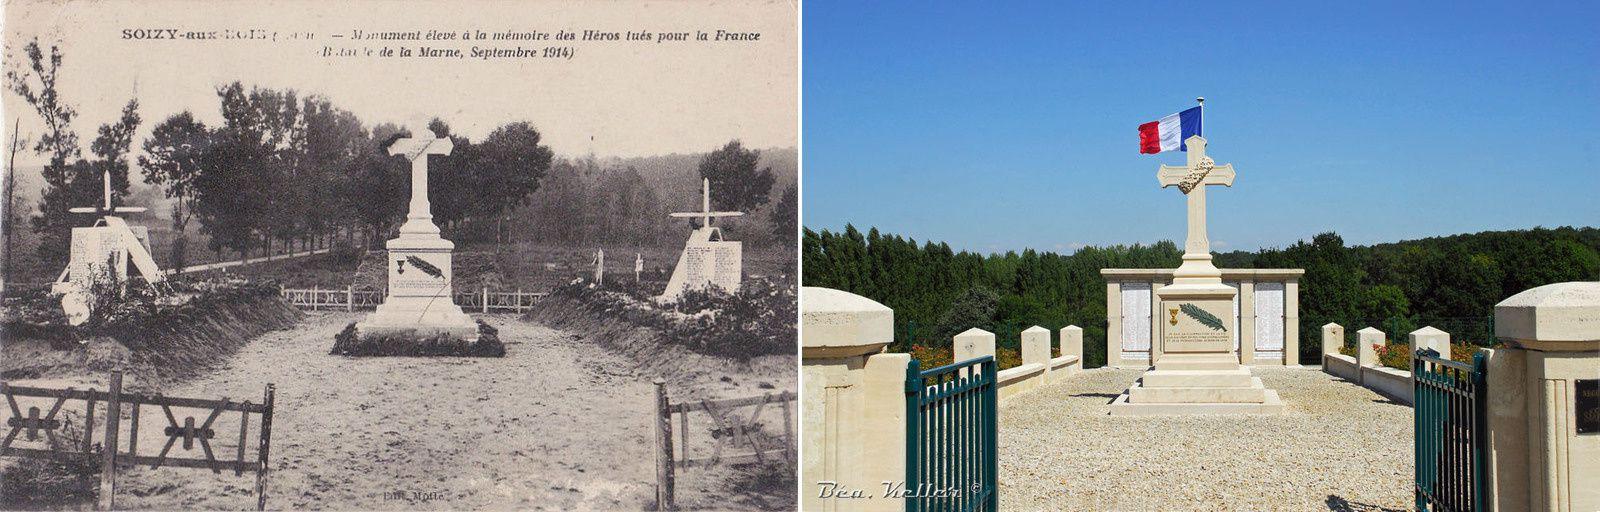 Soizy-aux-Bois - L'Ossuaire-Nécropole